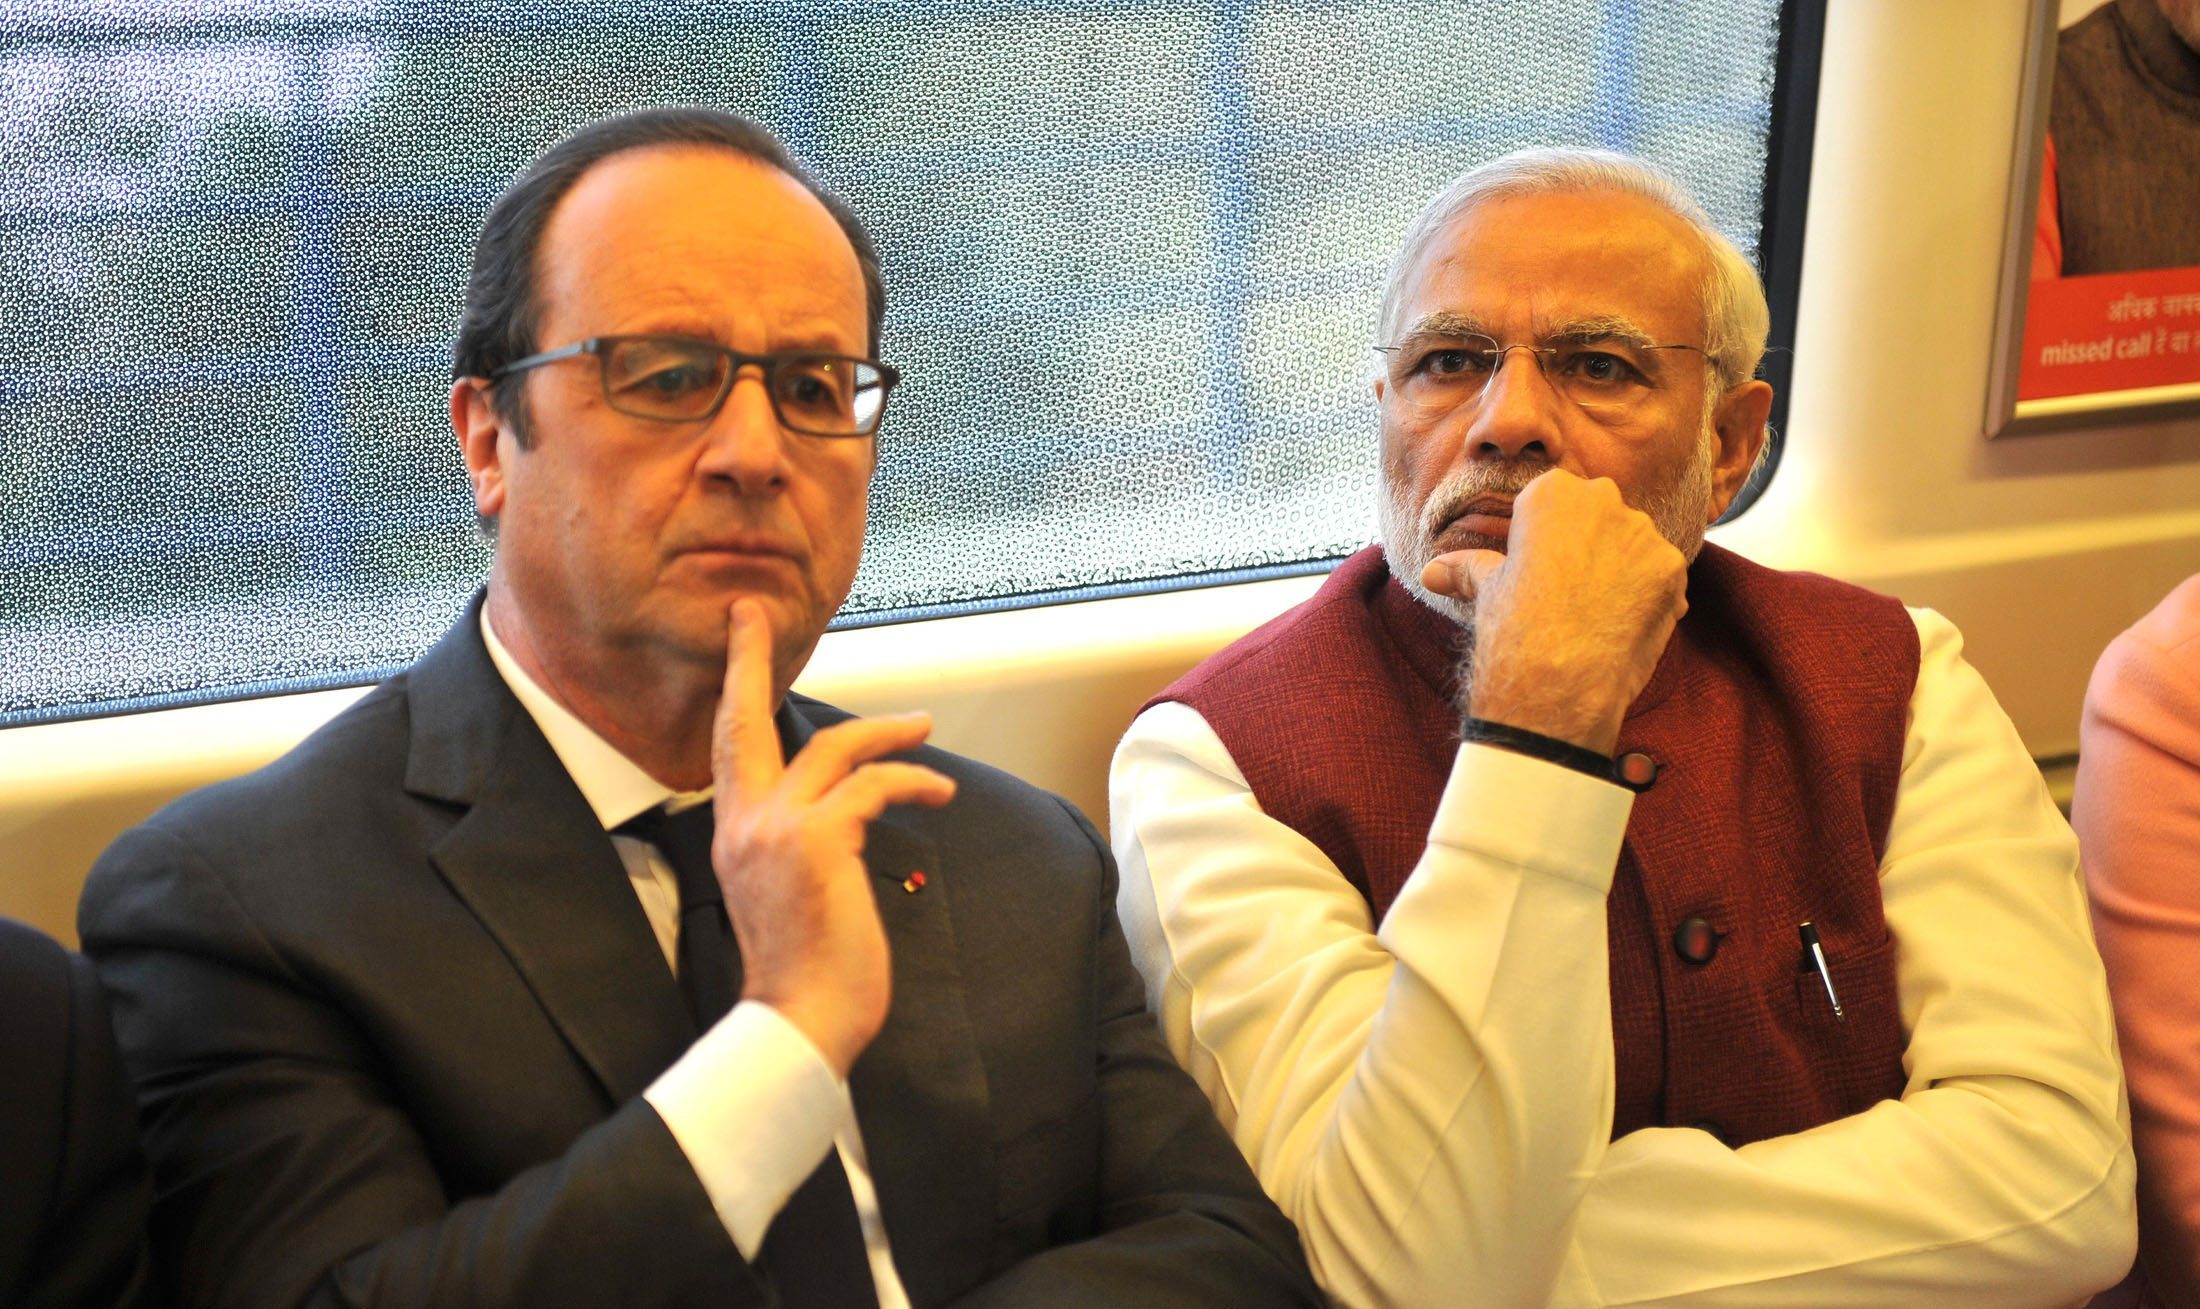 وزیر اعظم نریندر مودی نے 2015 میں فرانس کے سابق صدر فرانسوا اولاند کے ساتھ نئے رافیل معاہدے کا اعلان کیا تھا۔ (فوٹو : پی آئی بی)